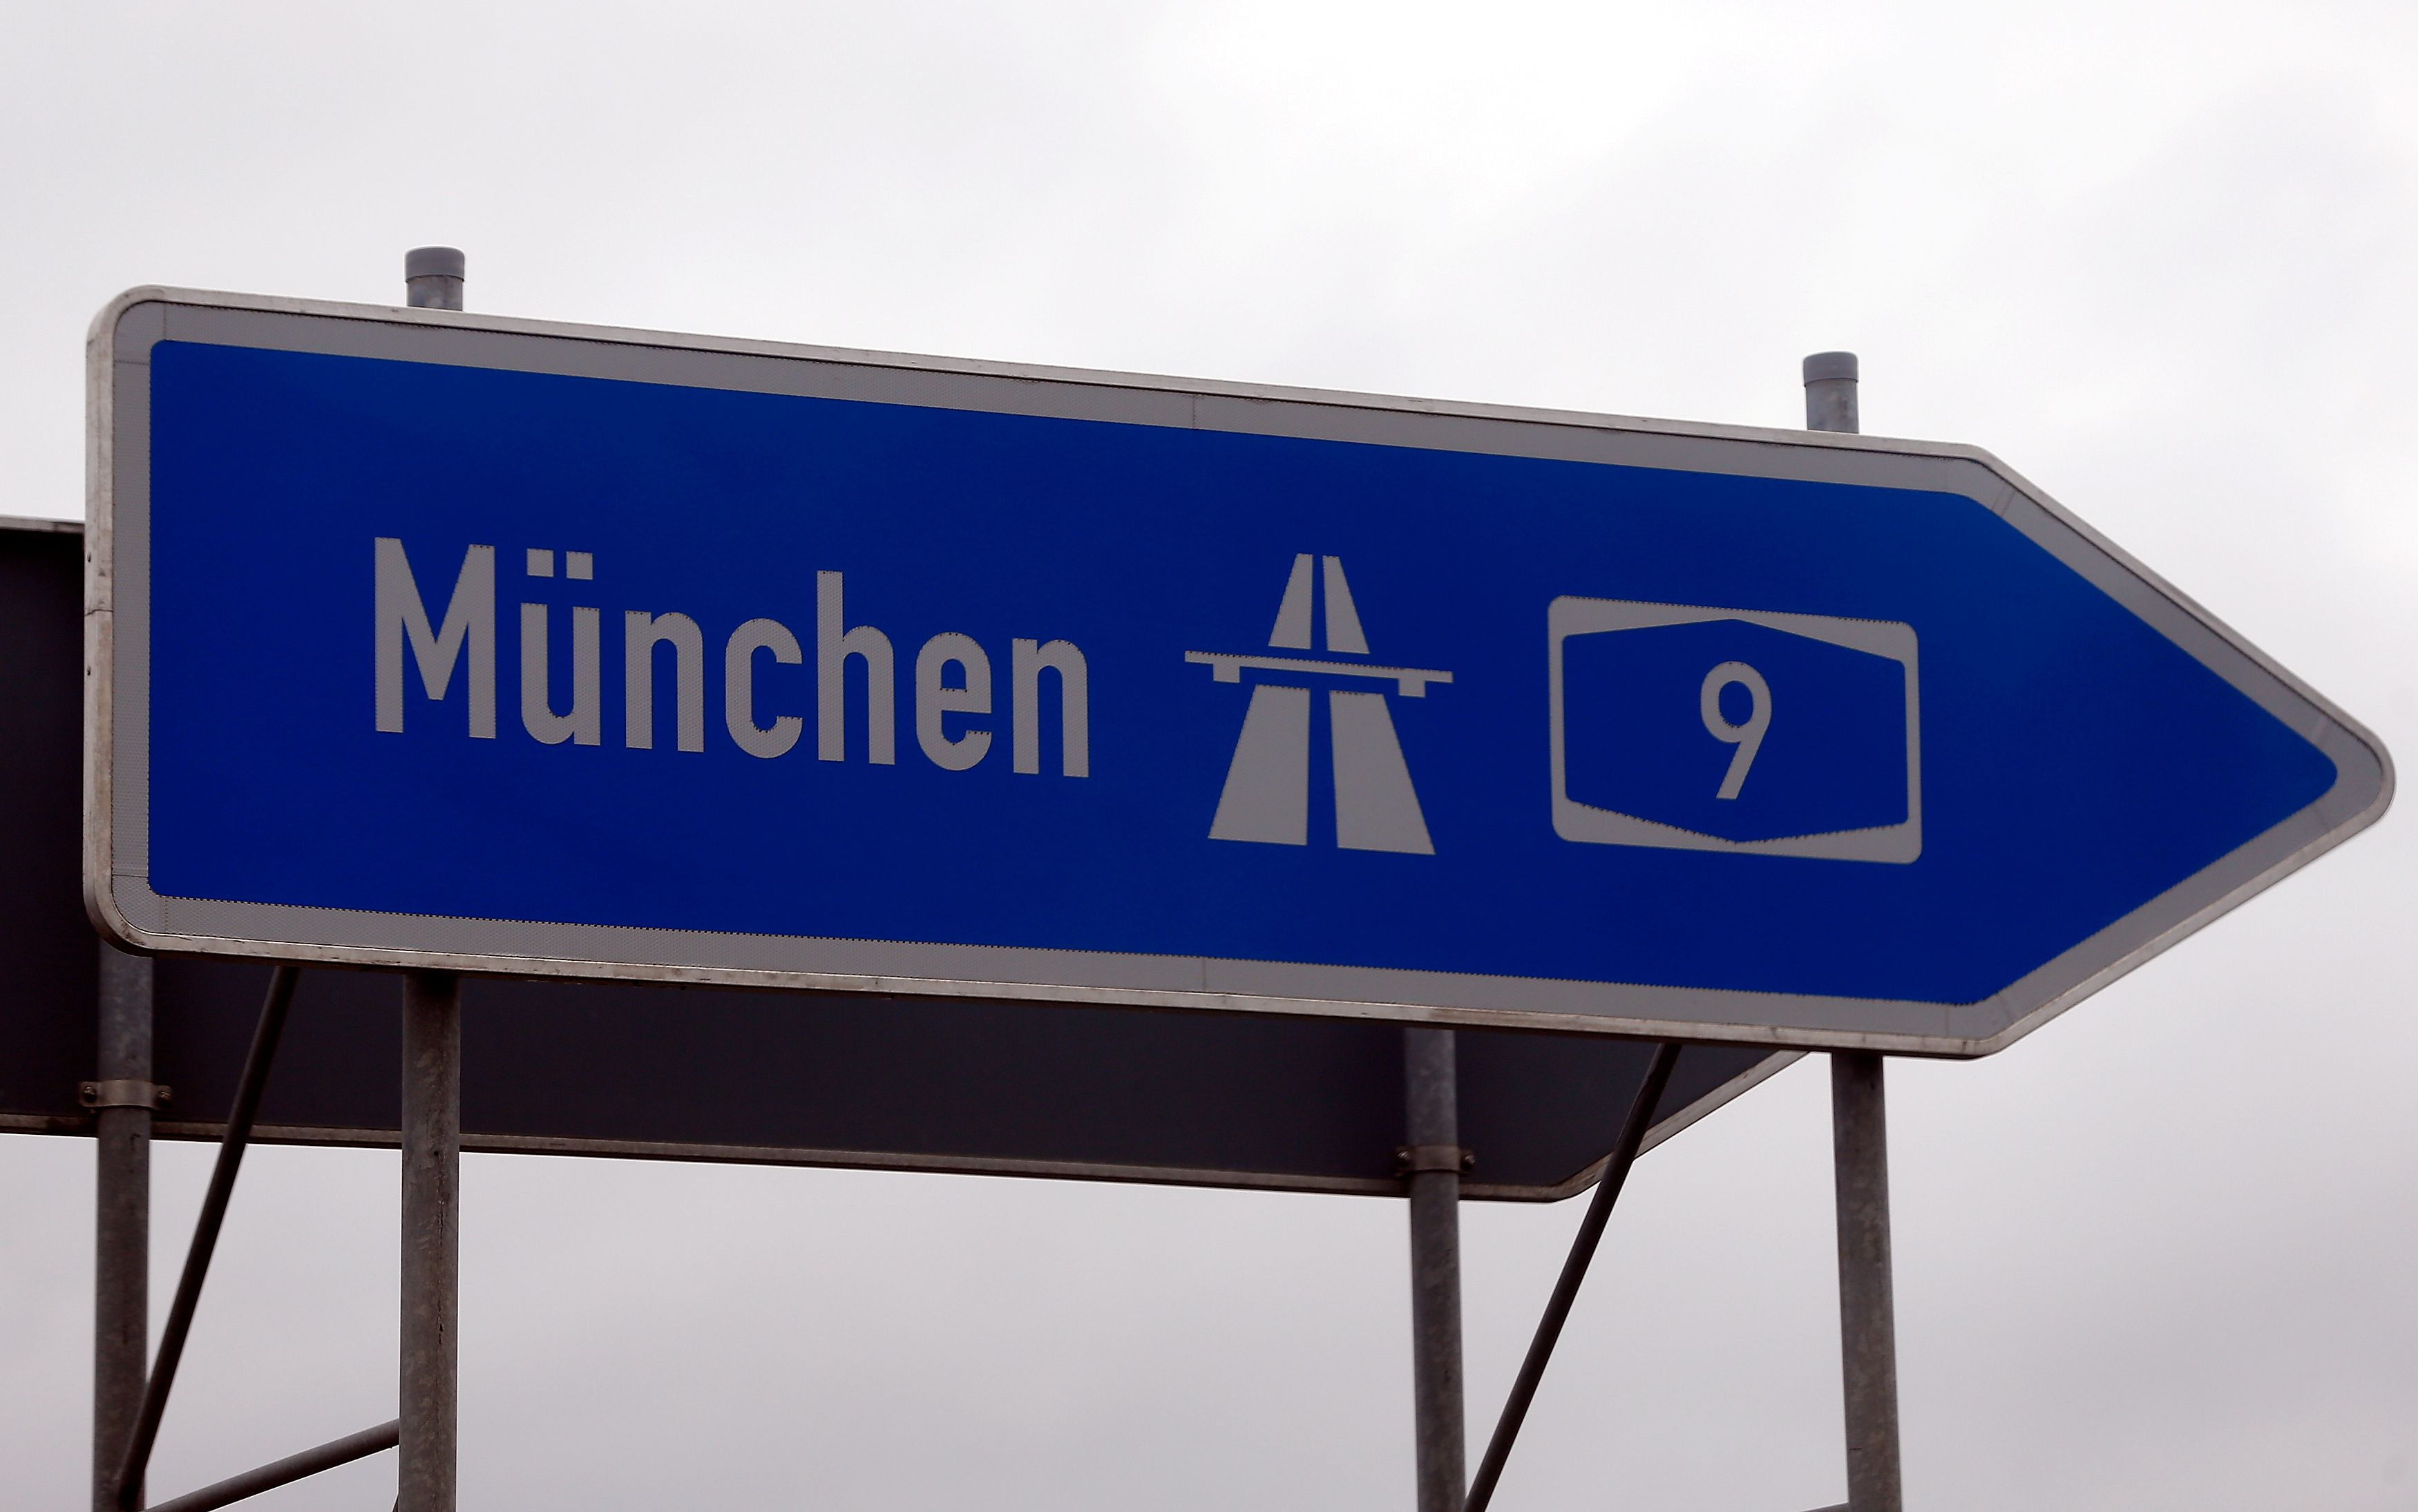 """Entre """"pacifisme"""" inapproprié de l'esprit de Munich et risques d'embrasement généralisé, comment trouver le juste équilibre face à l'islam ?"""